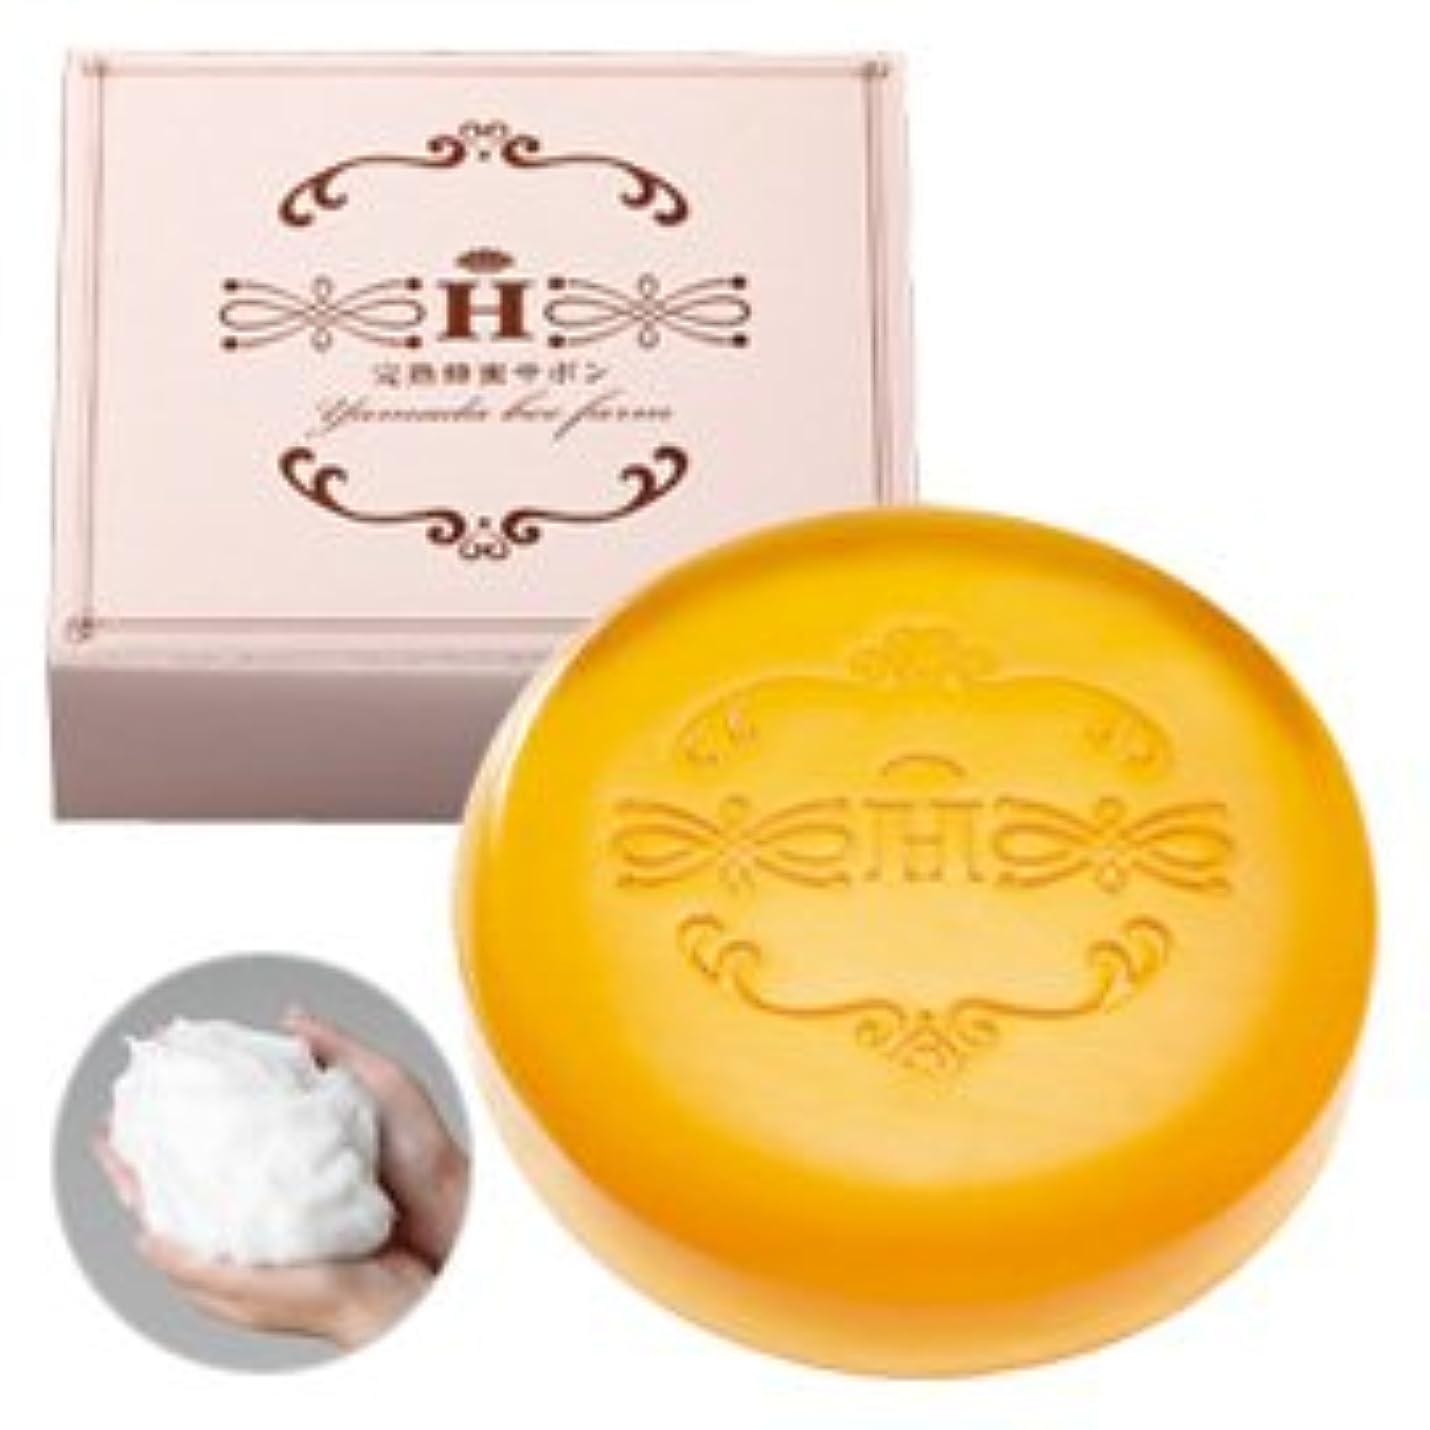 ショートカット申込み失望させるハニーラボ 完熟蜂蜜サボン〈枠練〉 60g (箱入り)/Honey Lab Ripen Honey Soap <60g> In a box